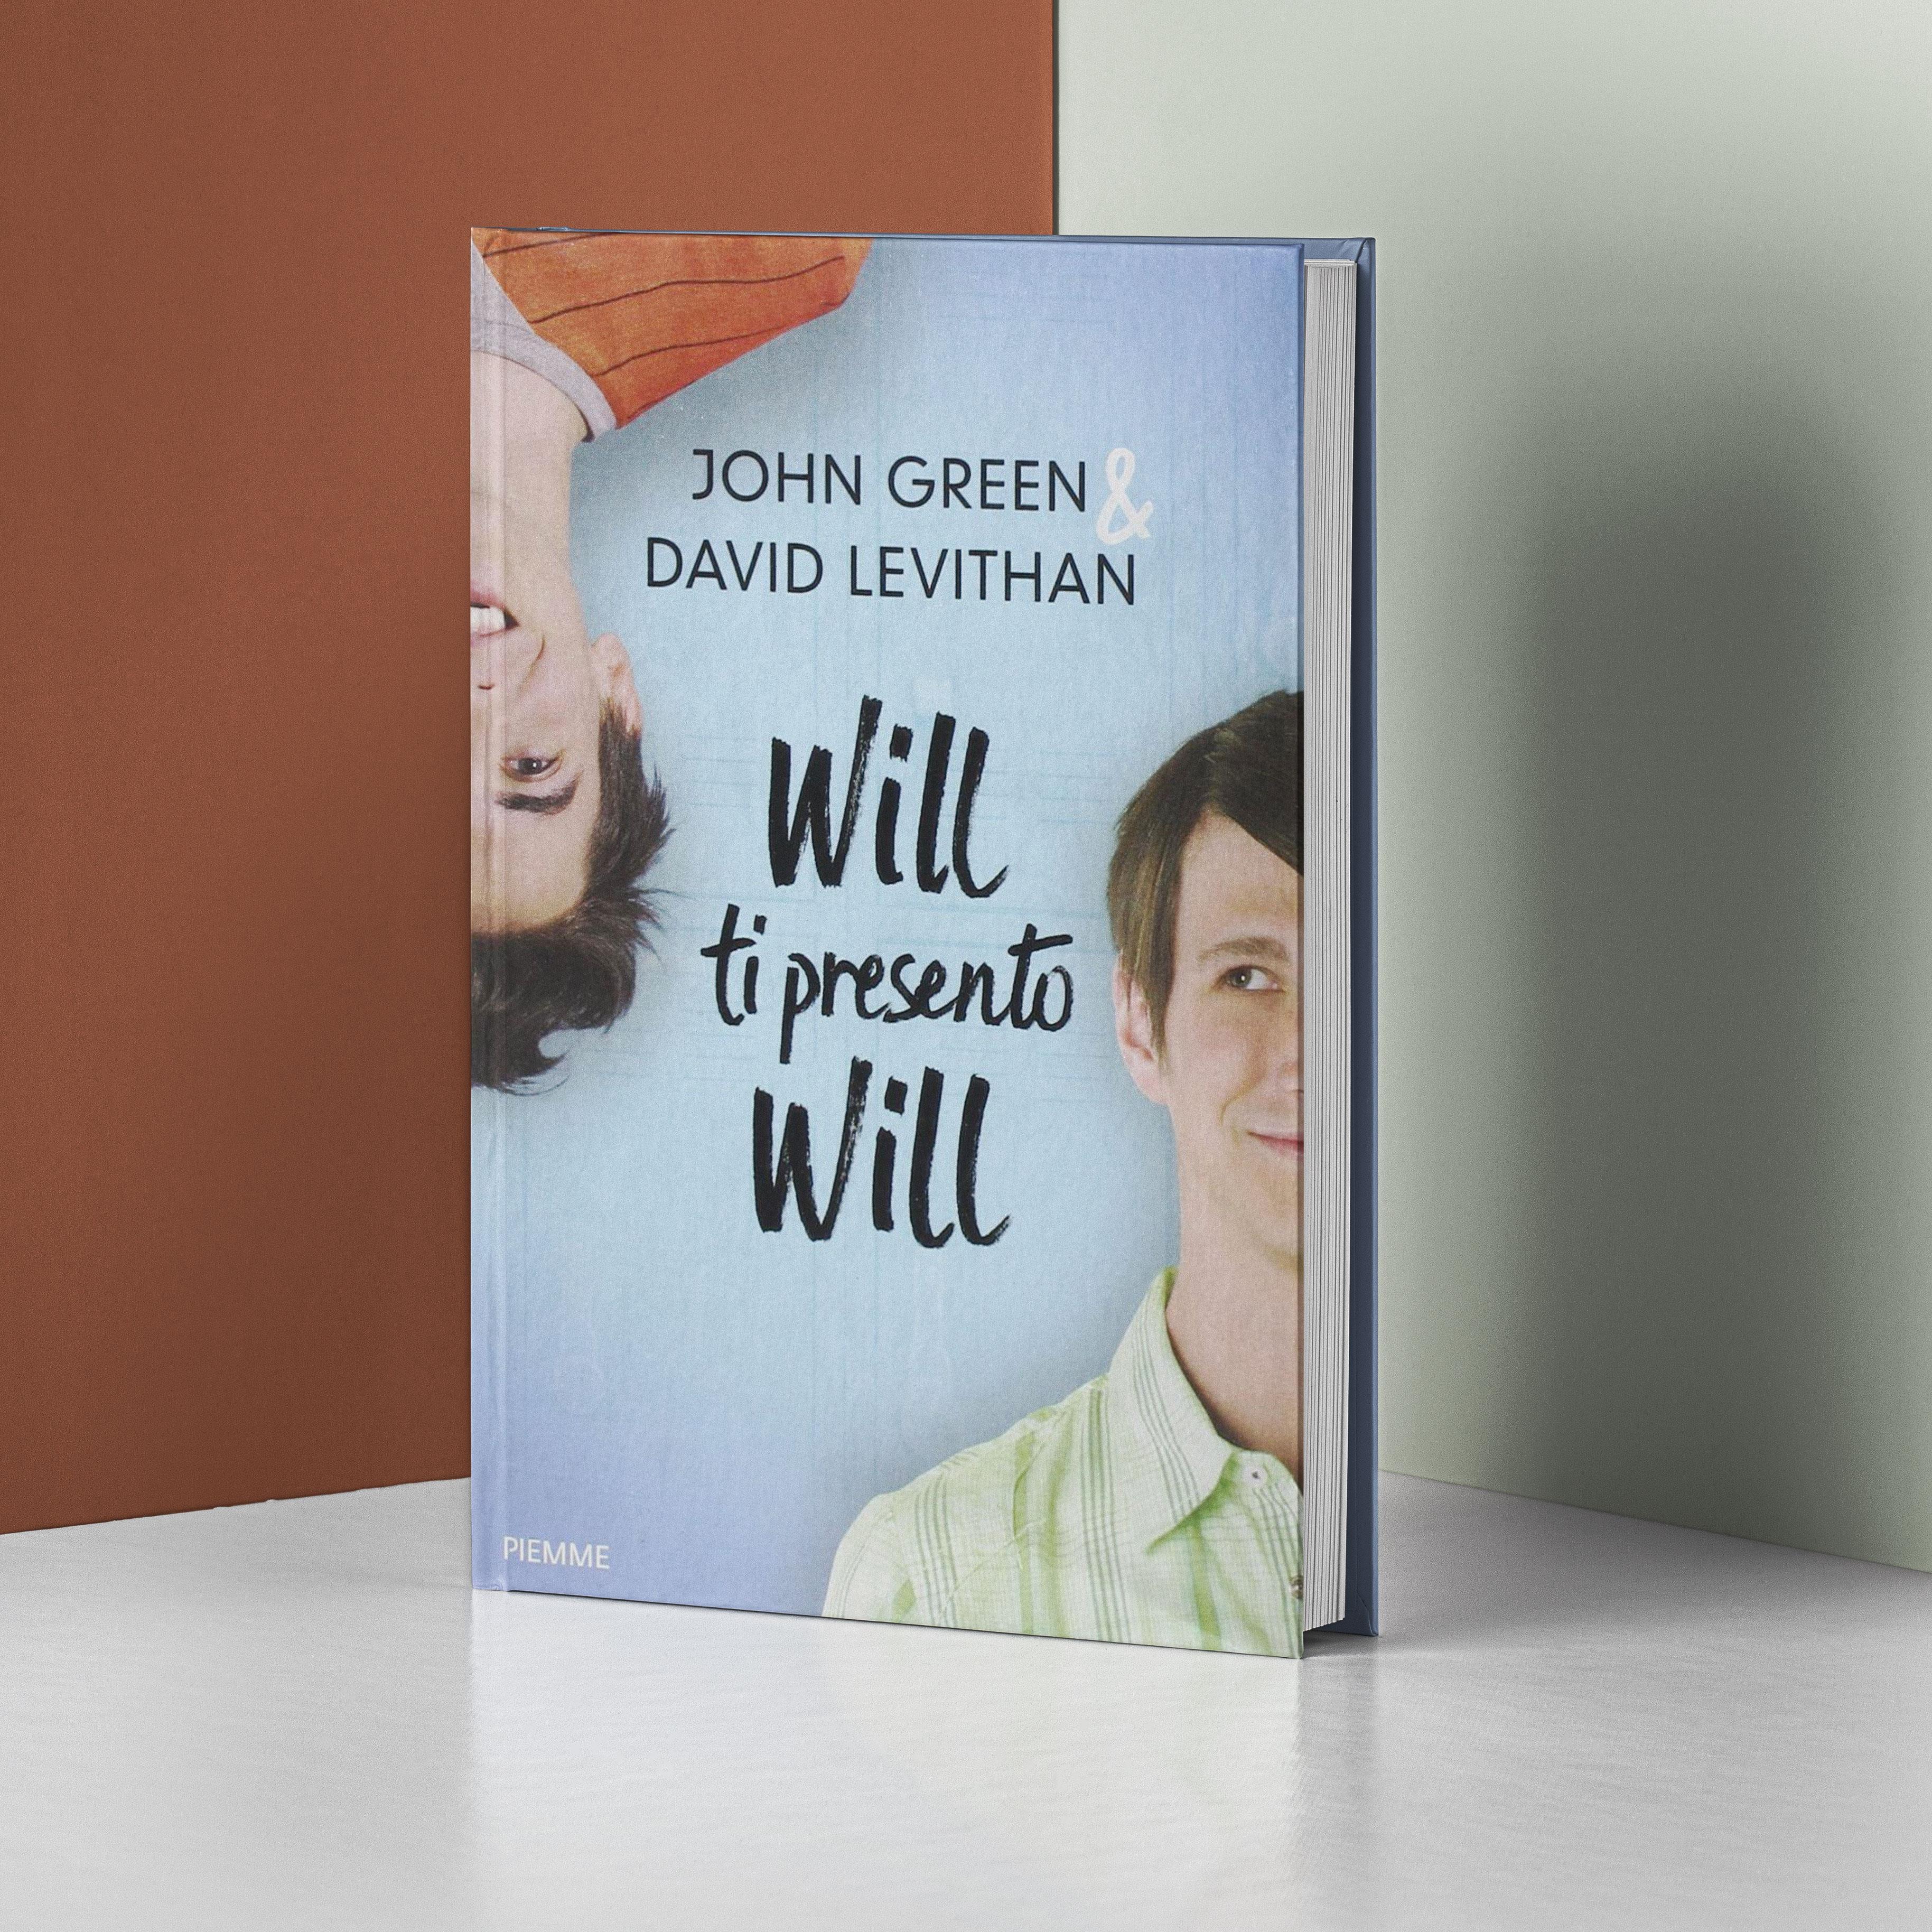 Will ti presento Will, 2010